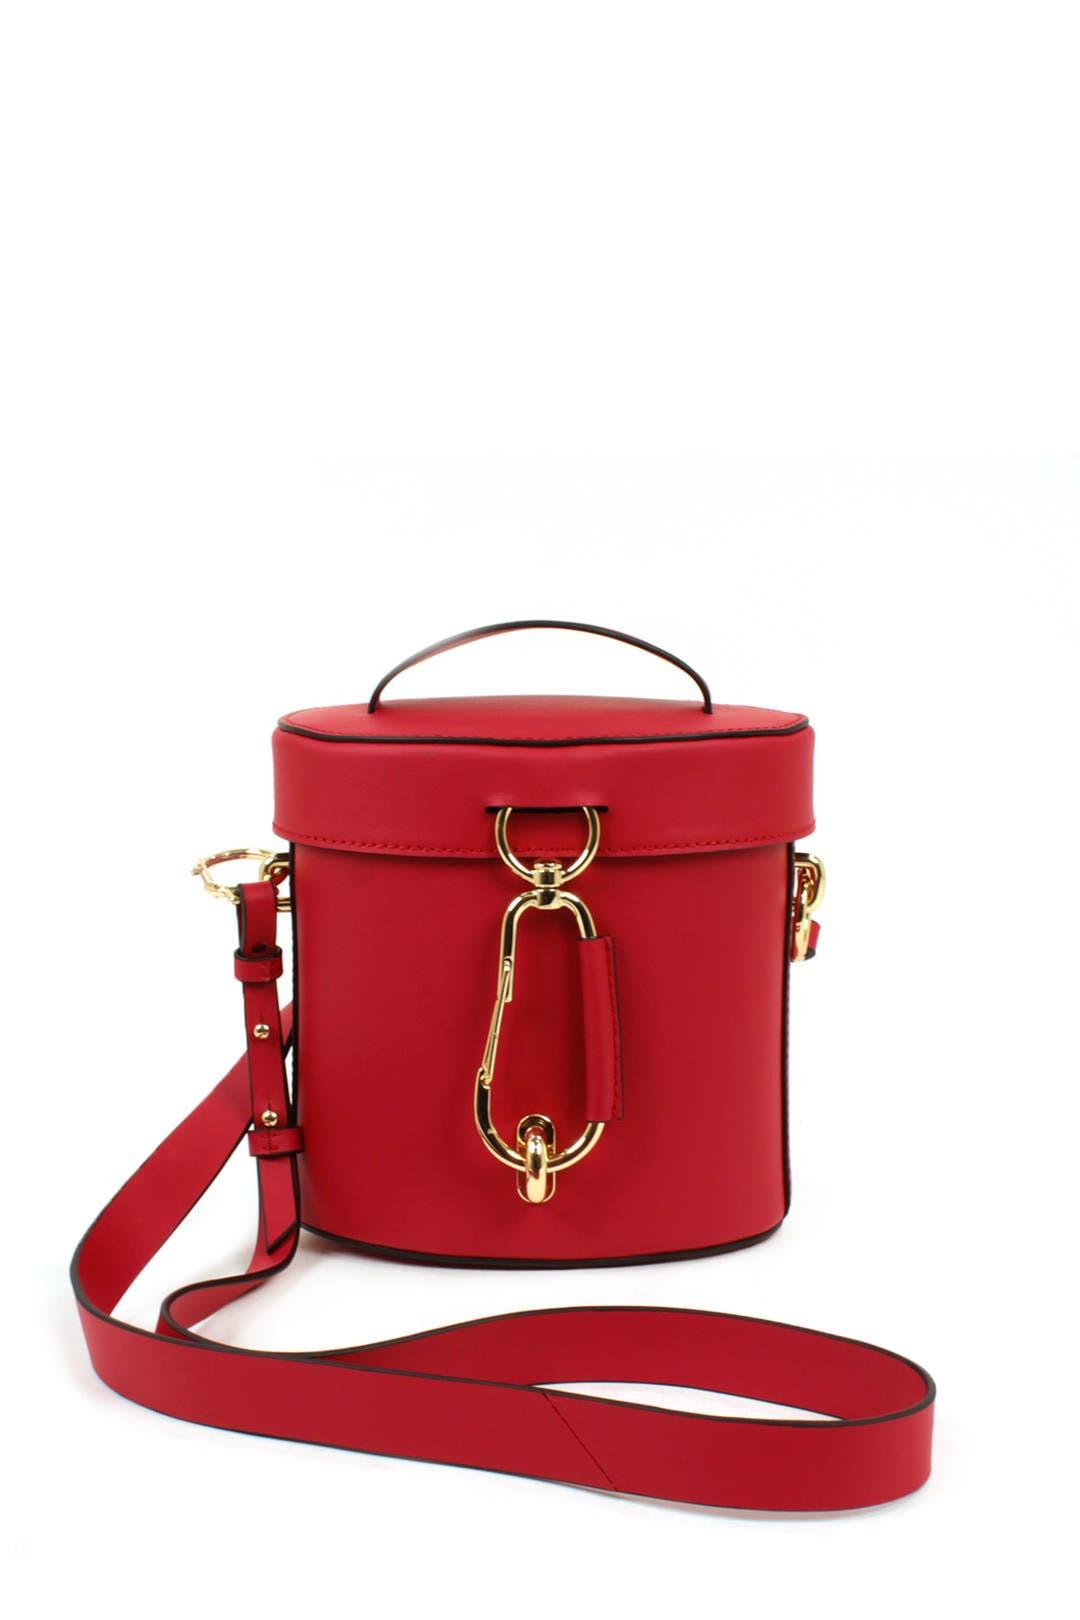 Red Belay Canteen Bag By Zac Zac Posen Handbags For 45